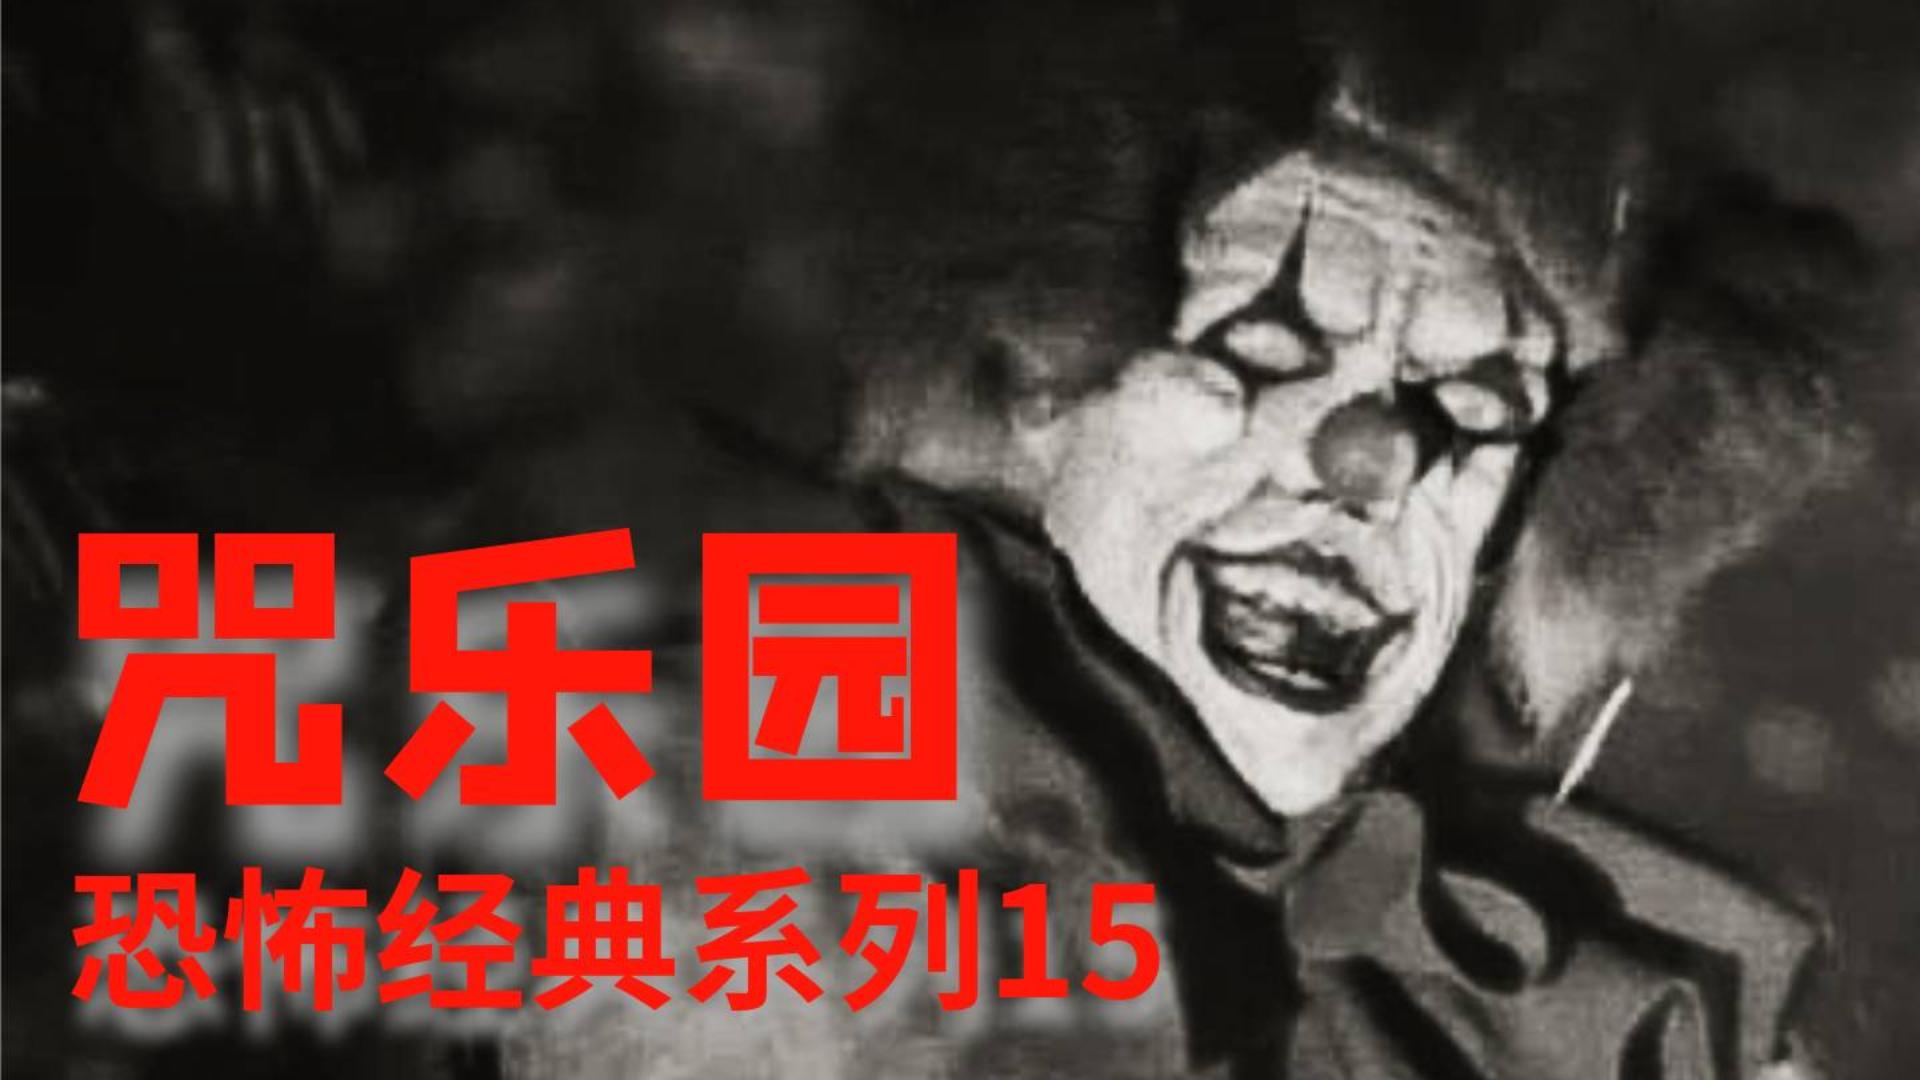 【怪兽】还记得《咒乐园》里面的小丑嘛  恐怖经典系列15